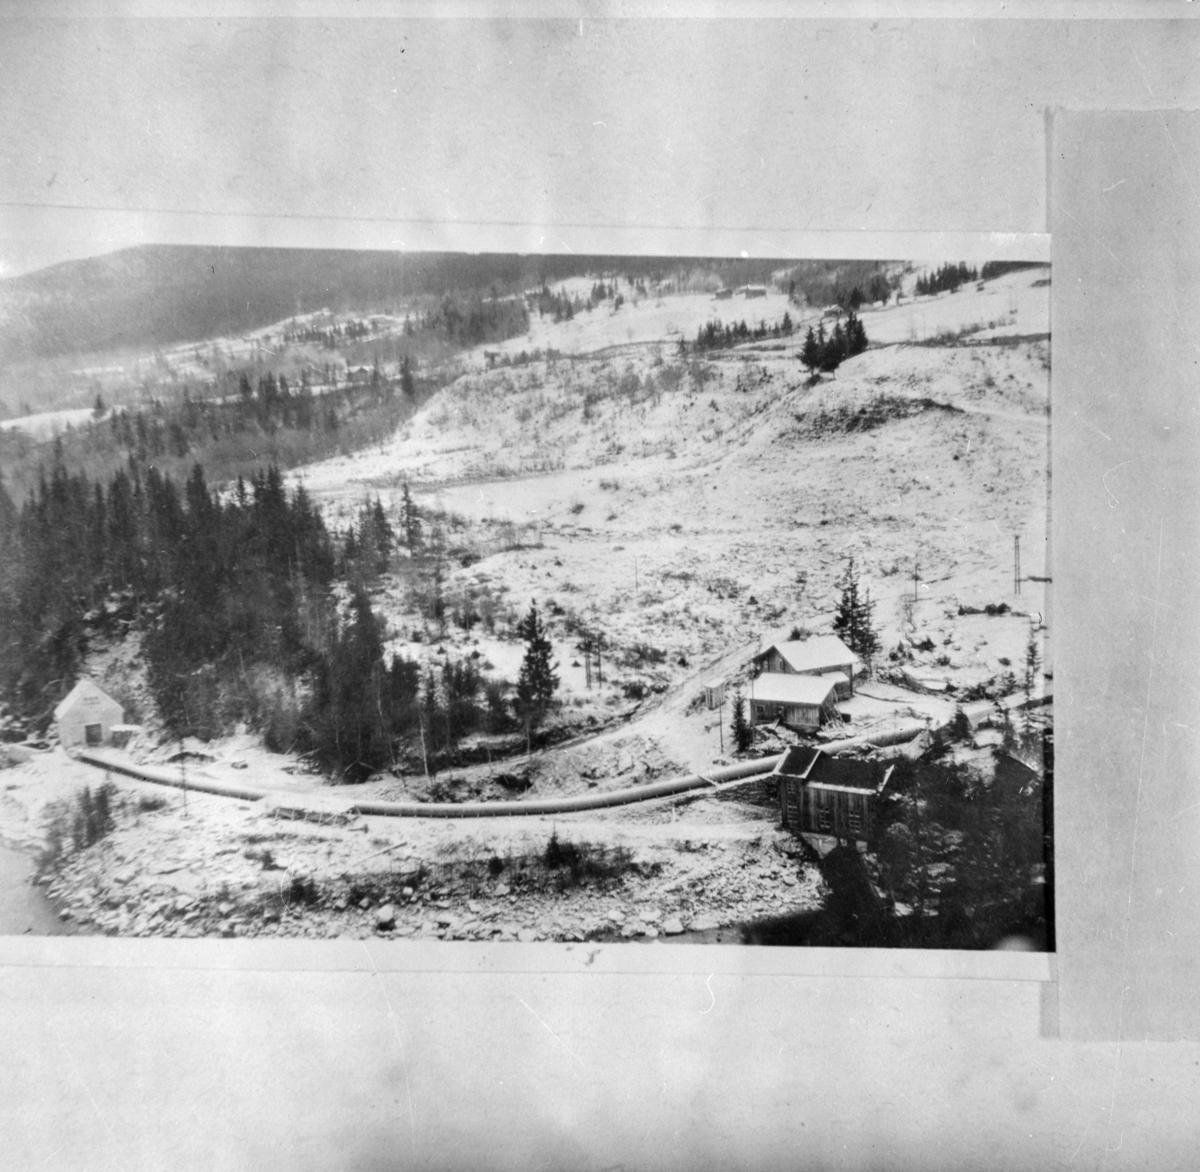 Antakelig bygging av Rørgate til Raua kraftstasjon - repro